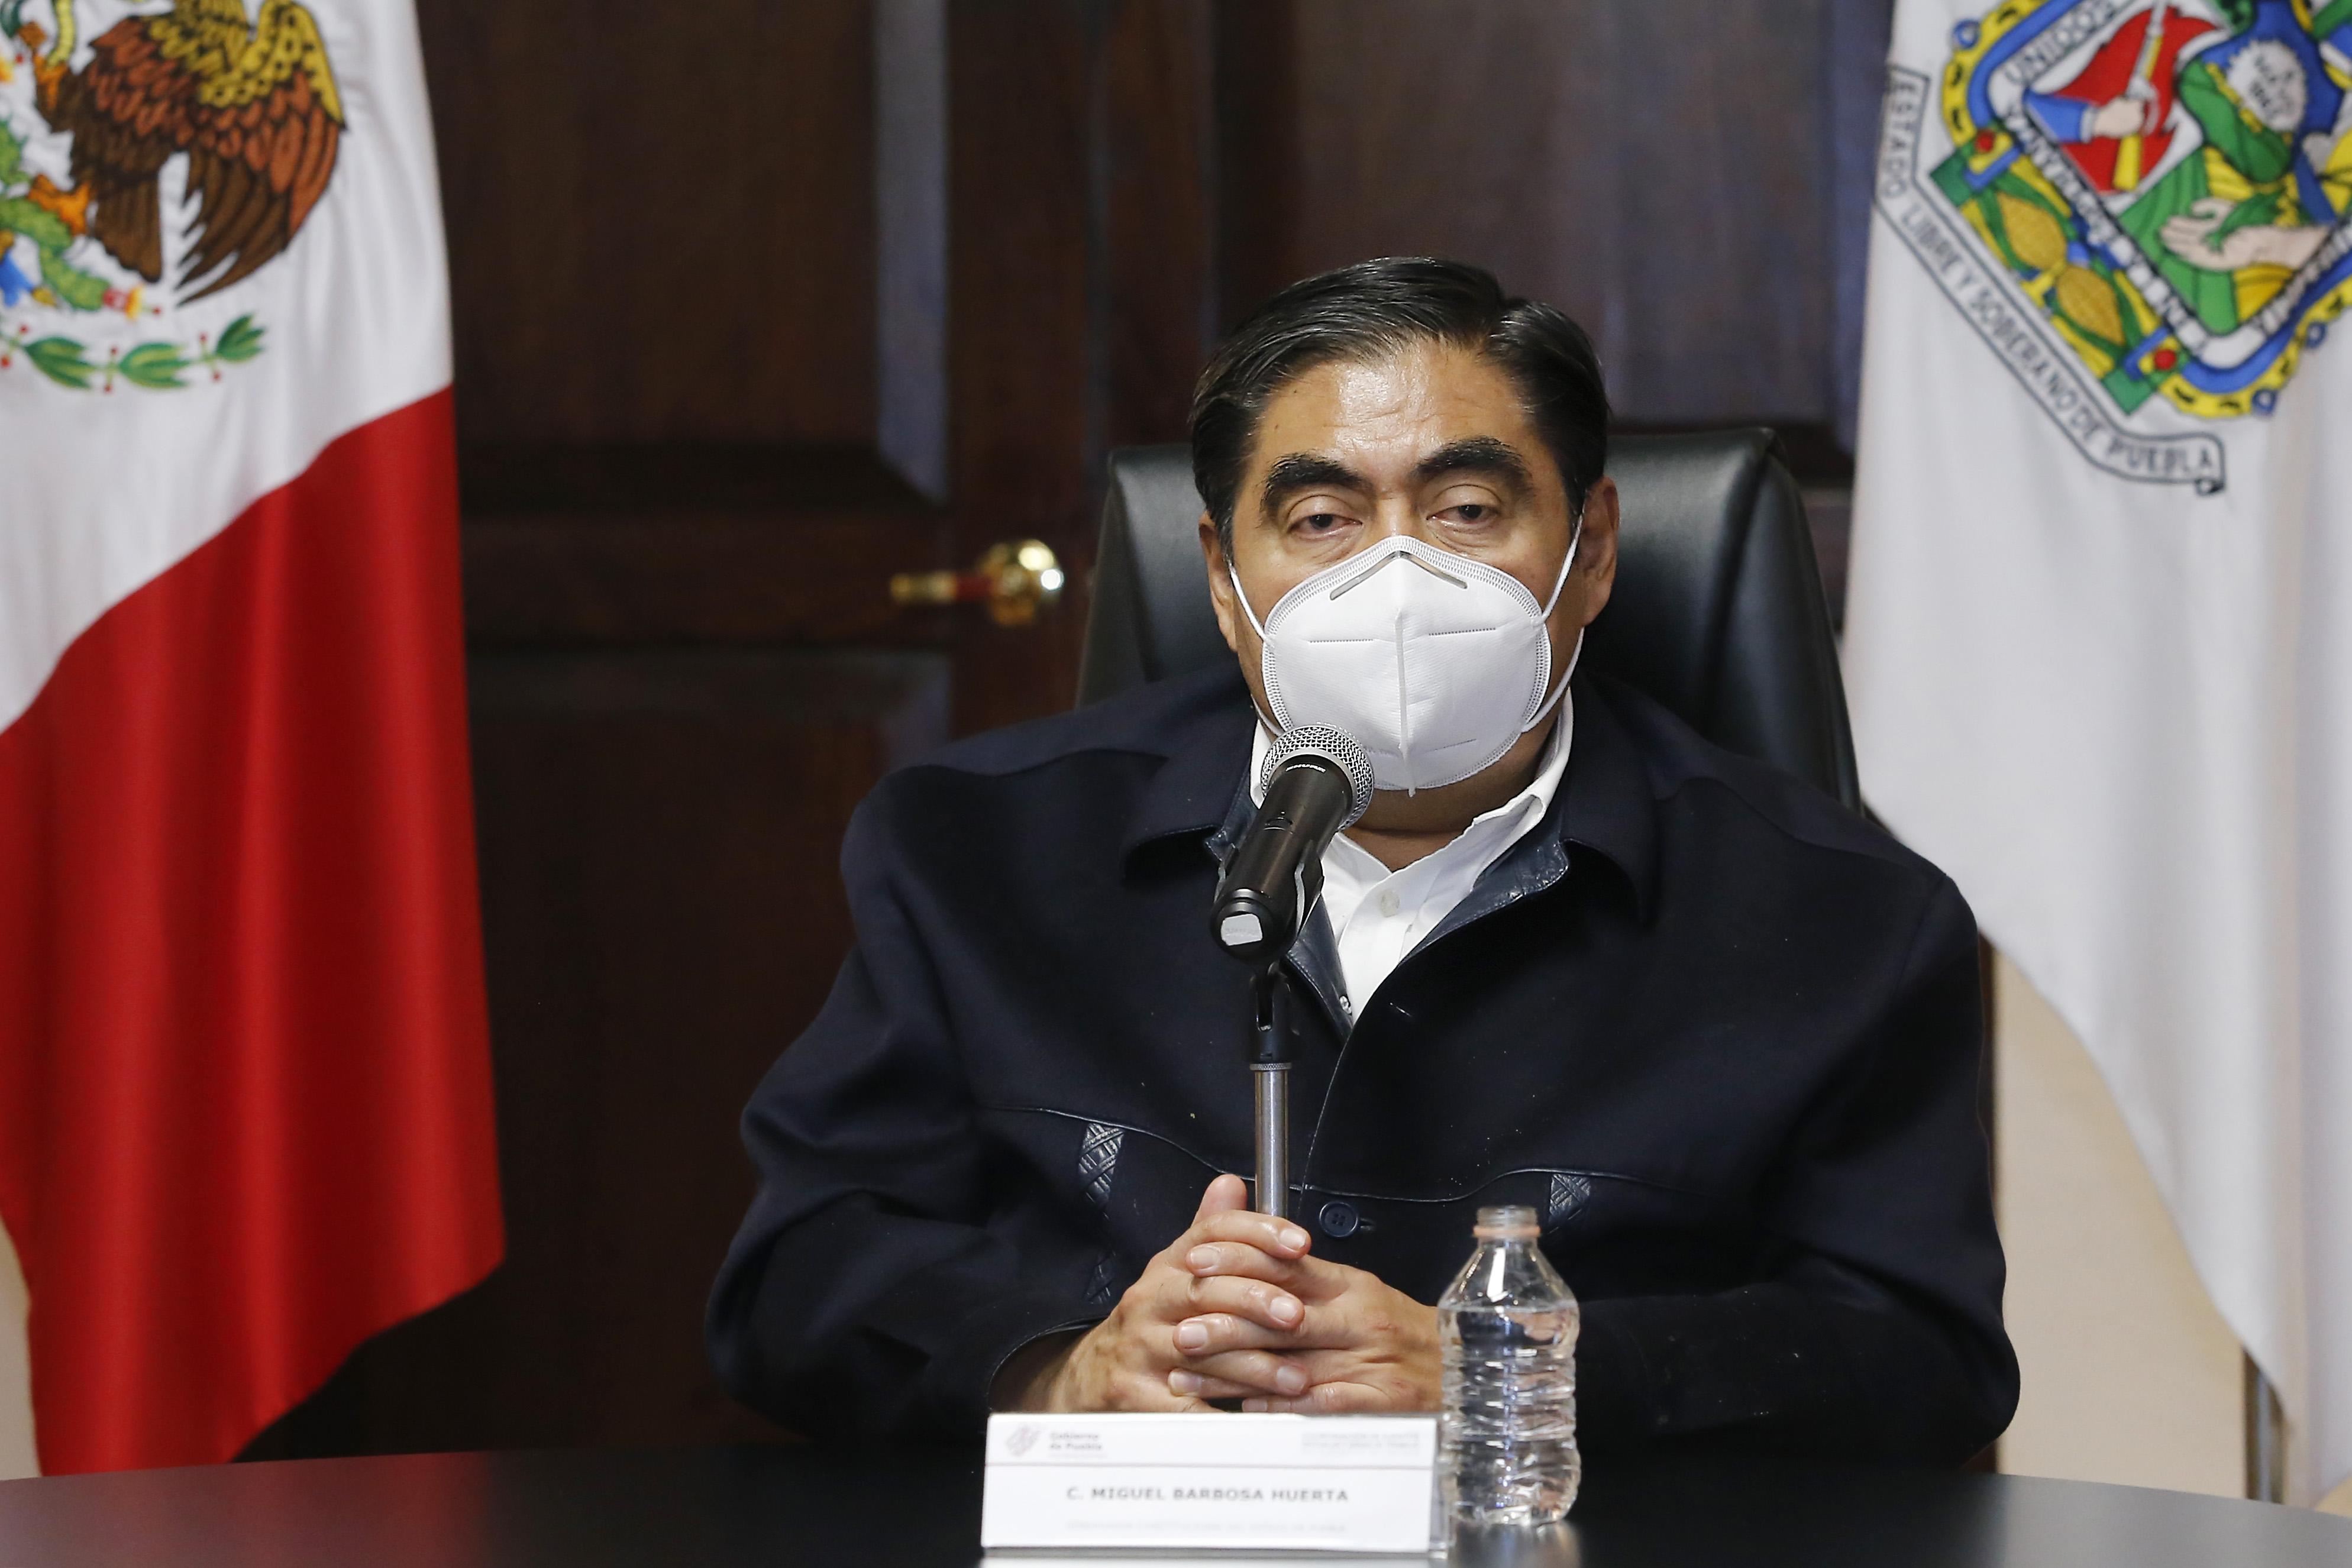 Mantener disciplina para evitar que se disparen los contagios por reapertura, pide Miguel Barbosa Huerta